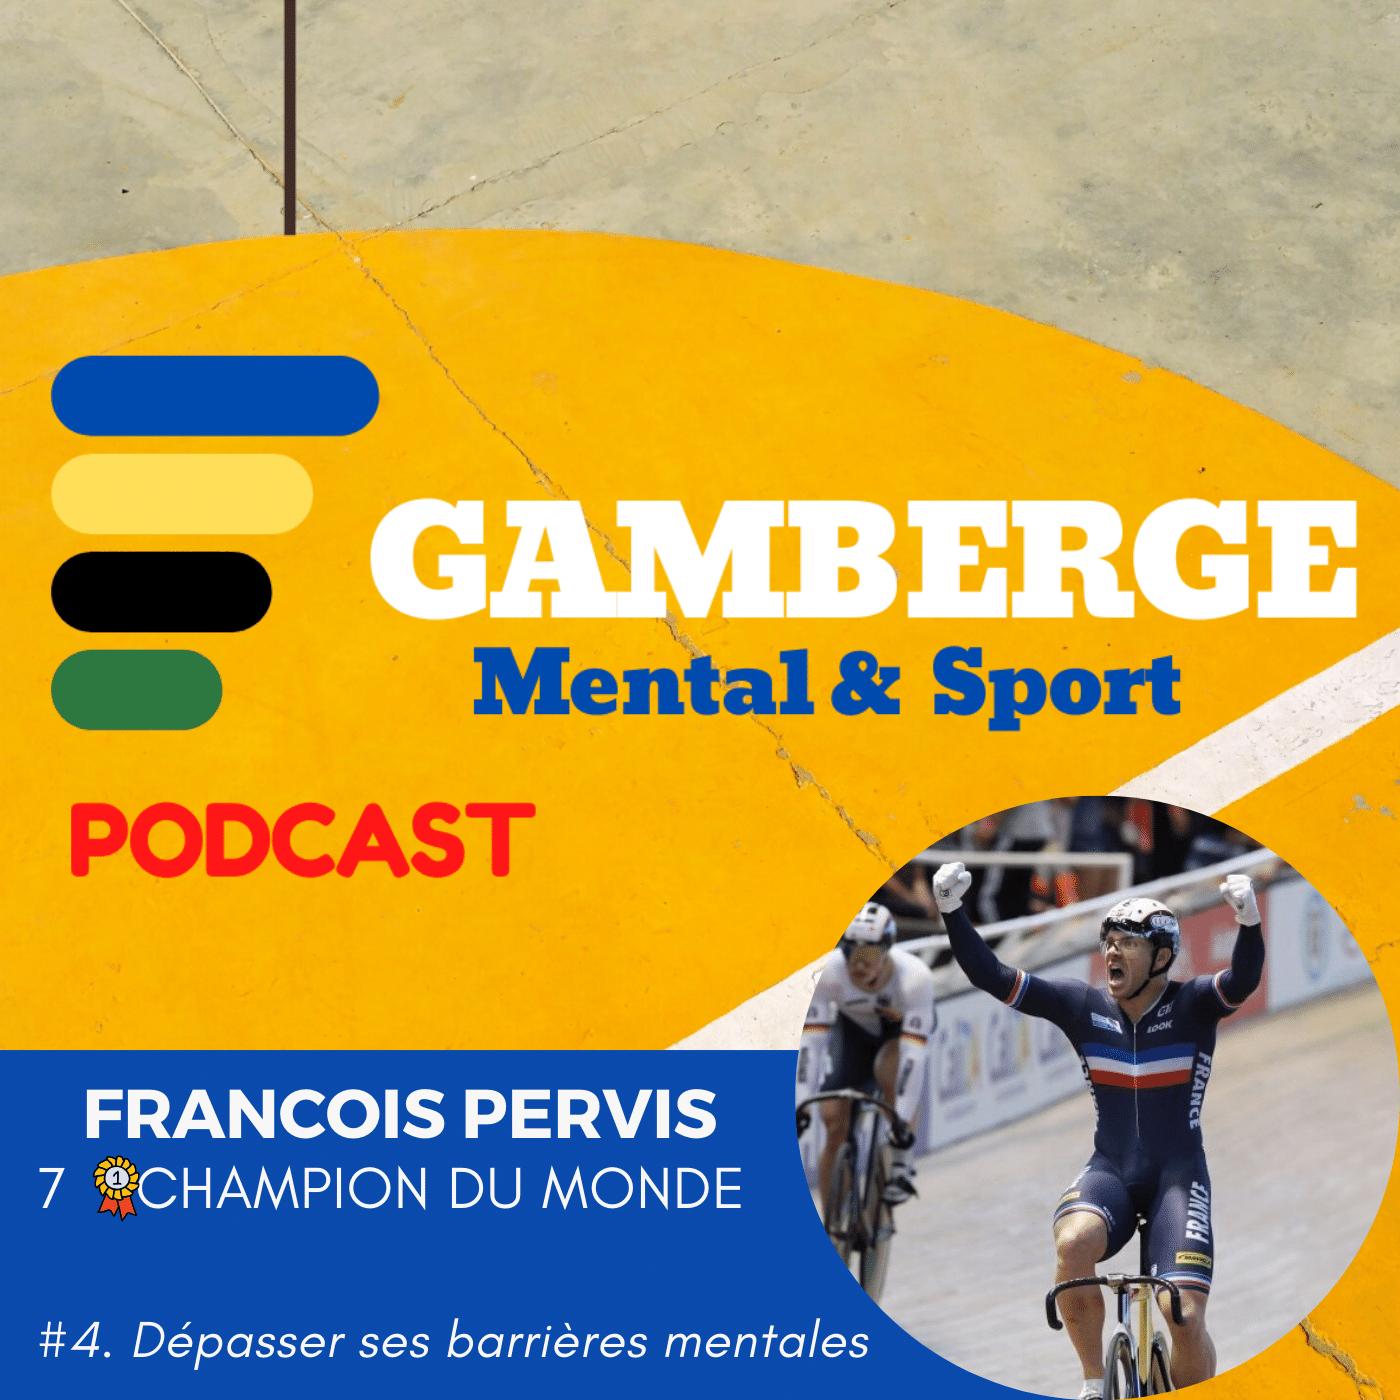 François Pervis: Dépasser ses barrières mentales